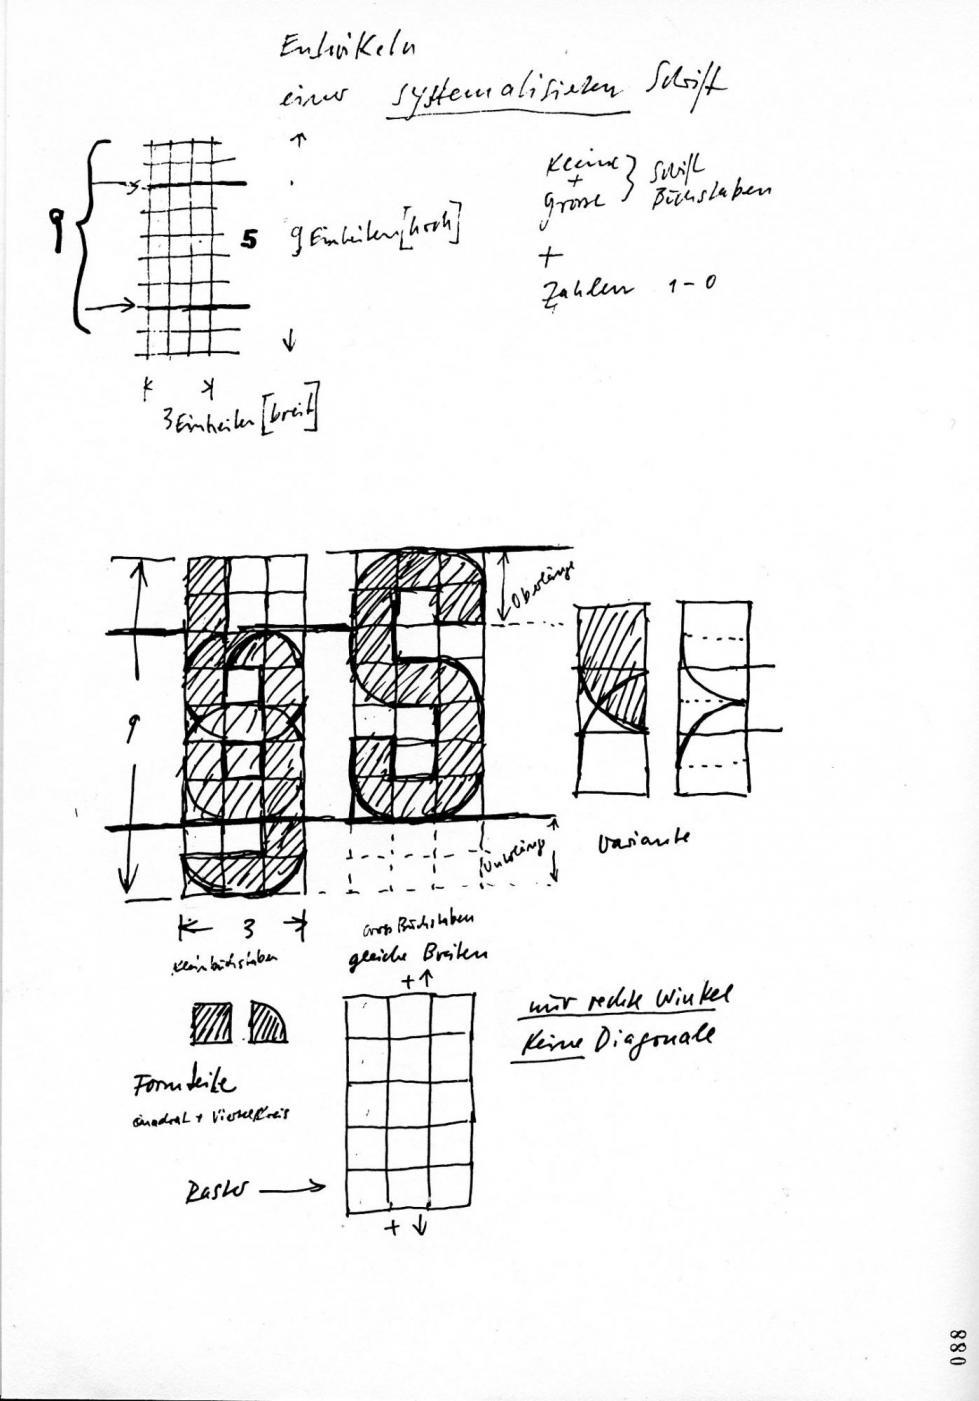 lortz schrift system001.jpg